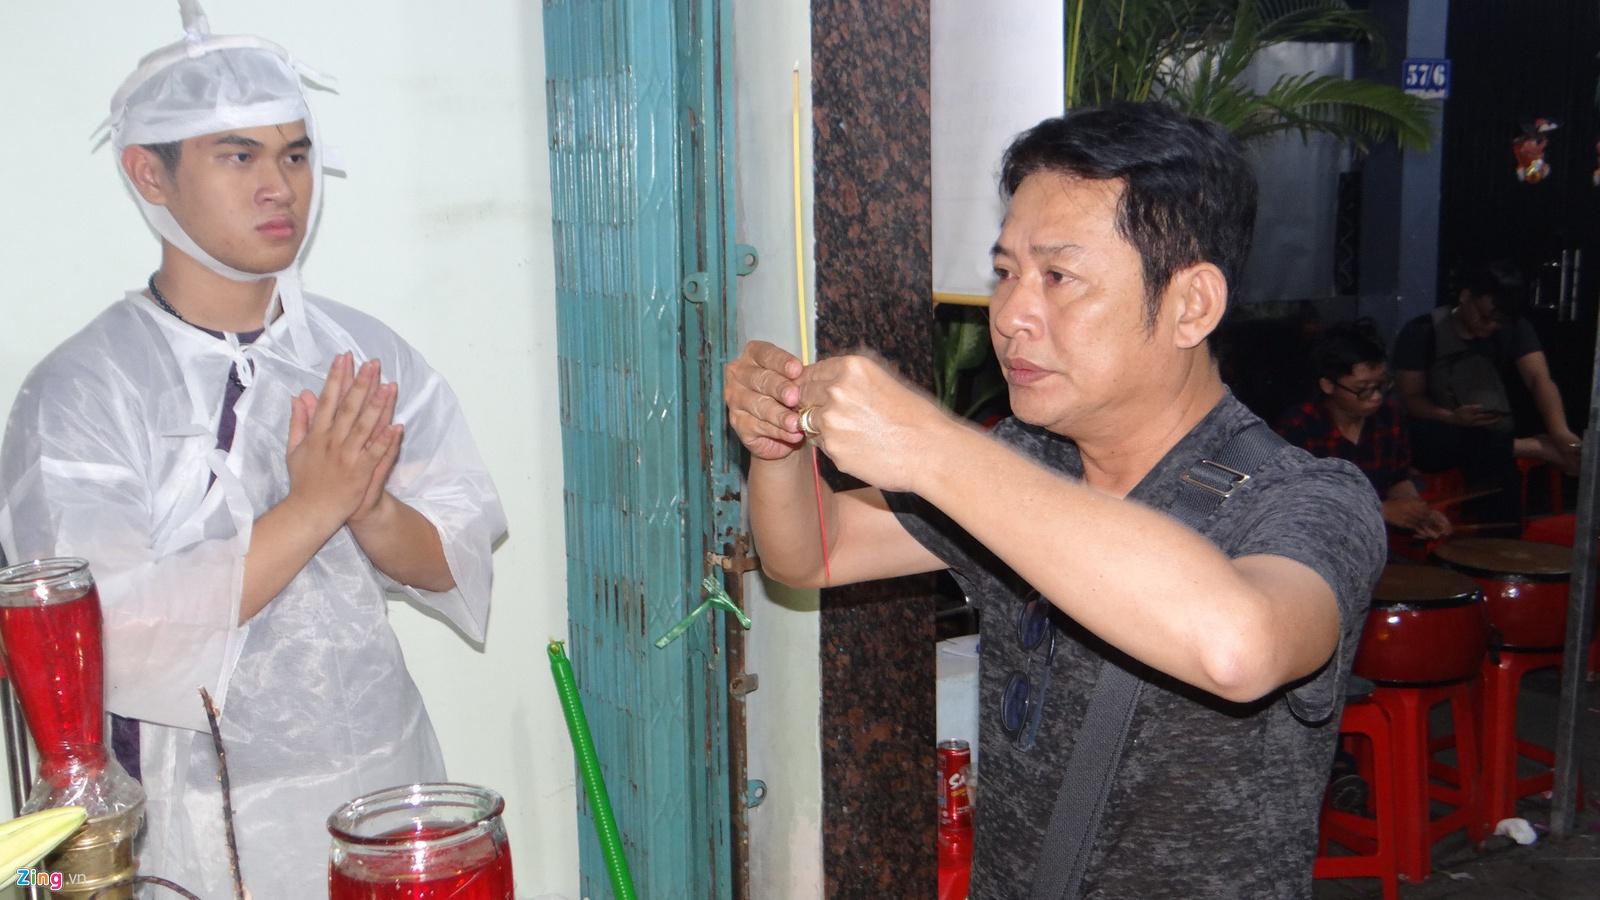 Thoai My, Tan Beo va nhieu nghe si cai luong den vieng NSUT Chieu Hung hinh anh 4